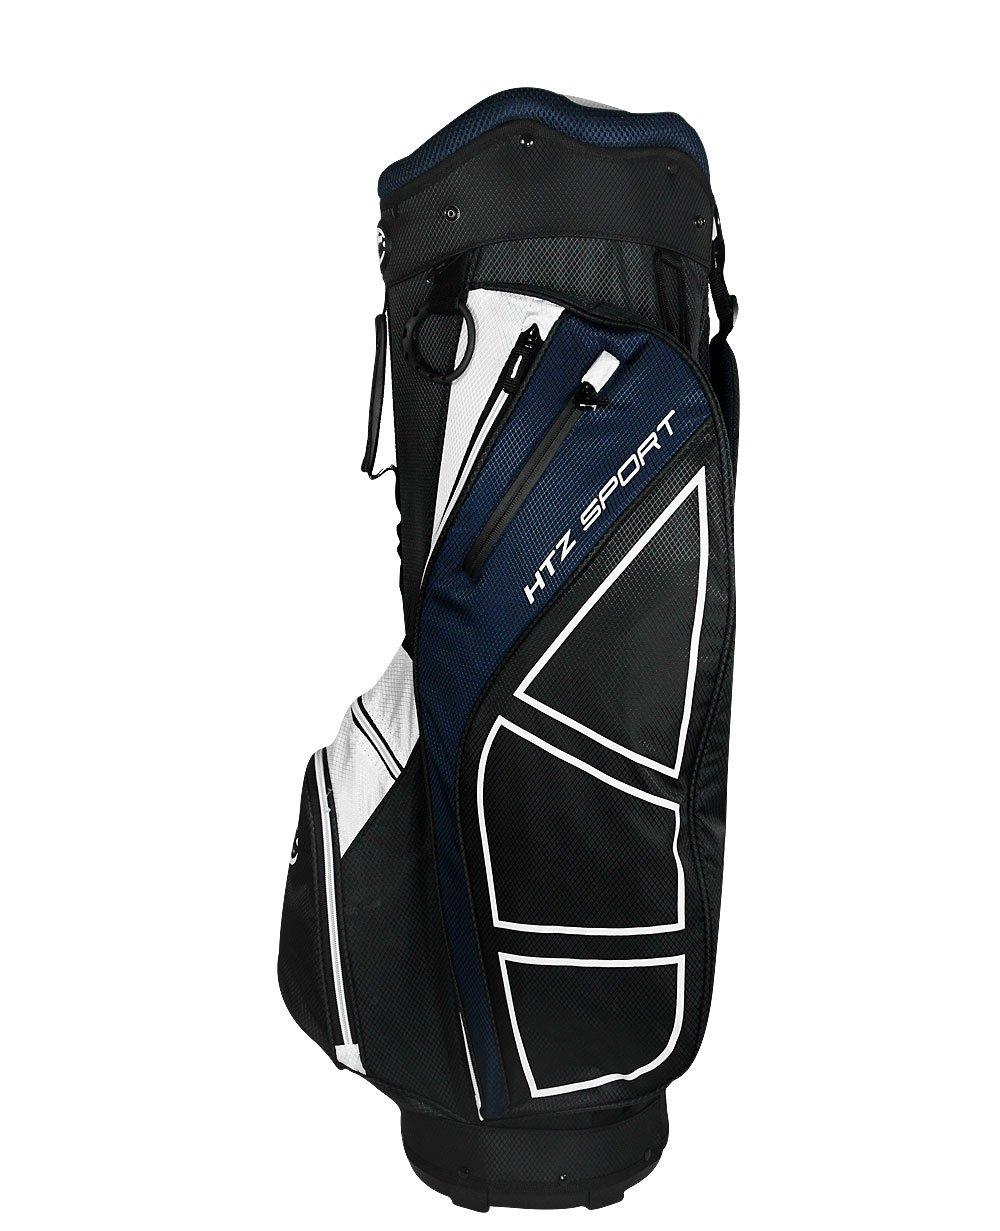 Hot-Z Golf Sport Cart Bag, Black/Navy/White